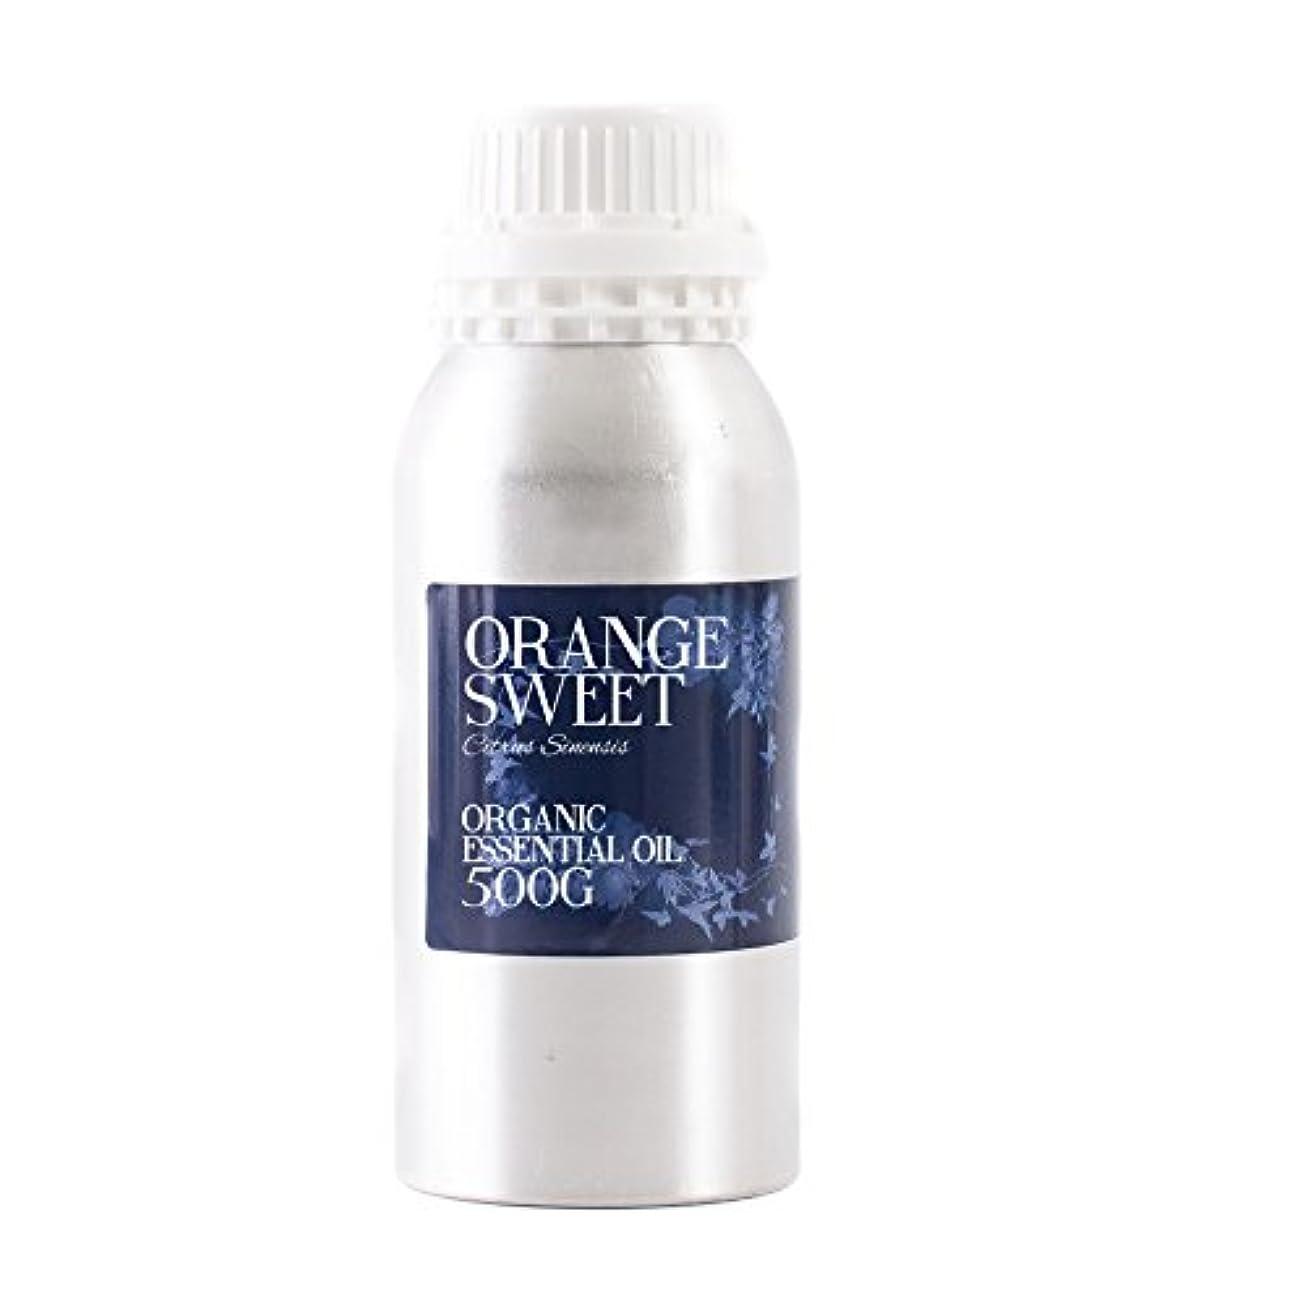 役員僕のハードリングMystic Moments | Orange Sweet Organic Essential Oil - 500g - 100% Pure